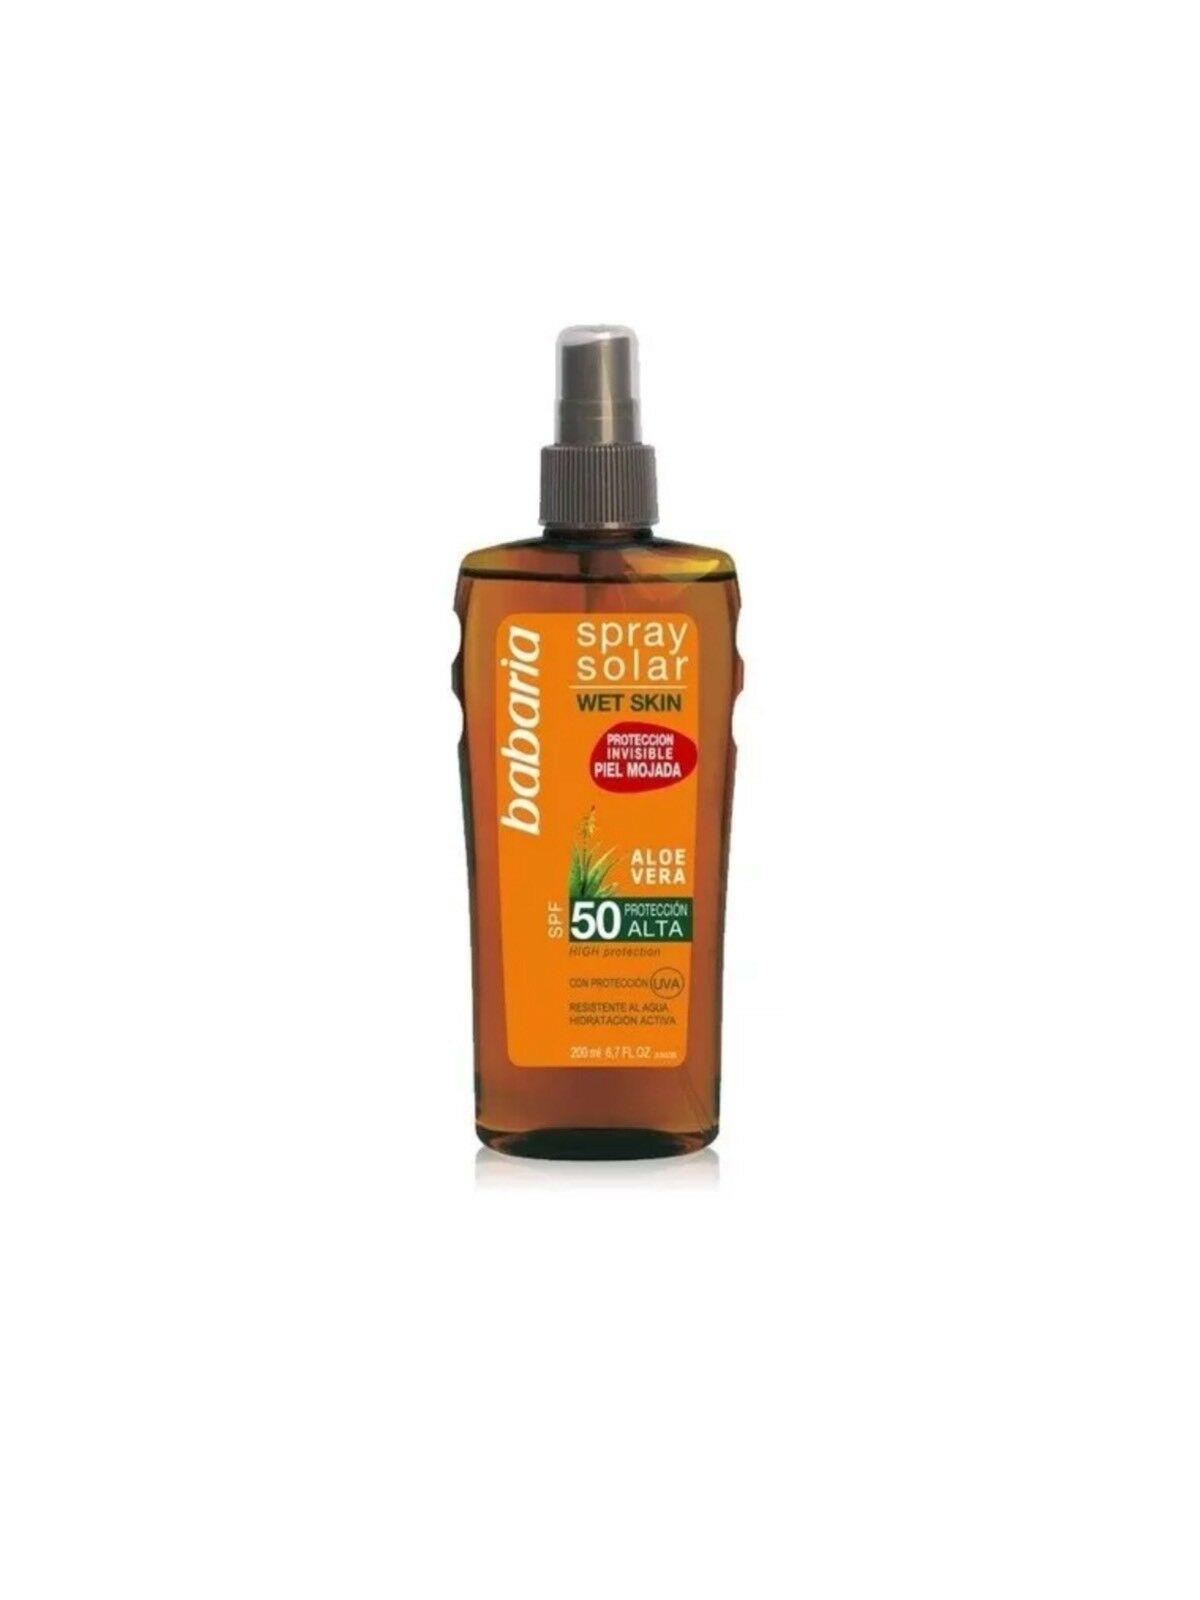 Babaria Spray Solar Aloe Vera 50